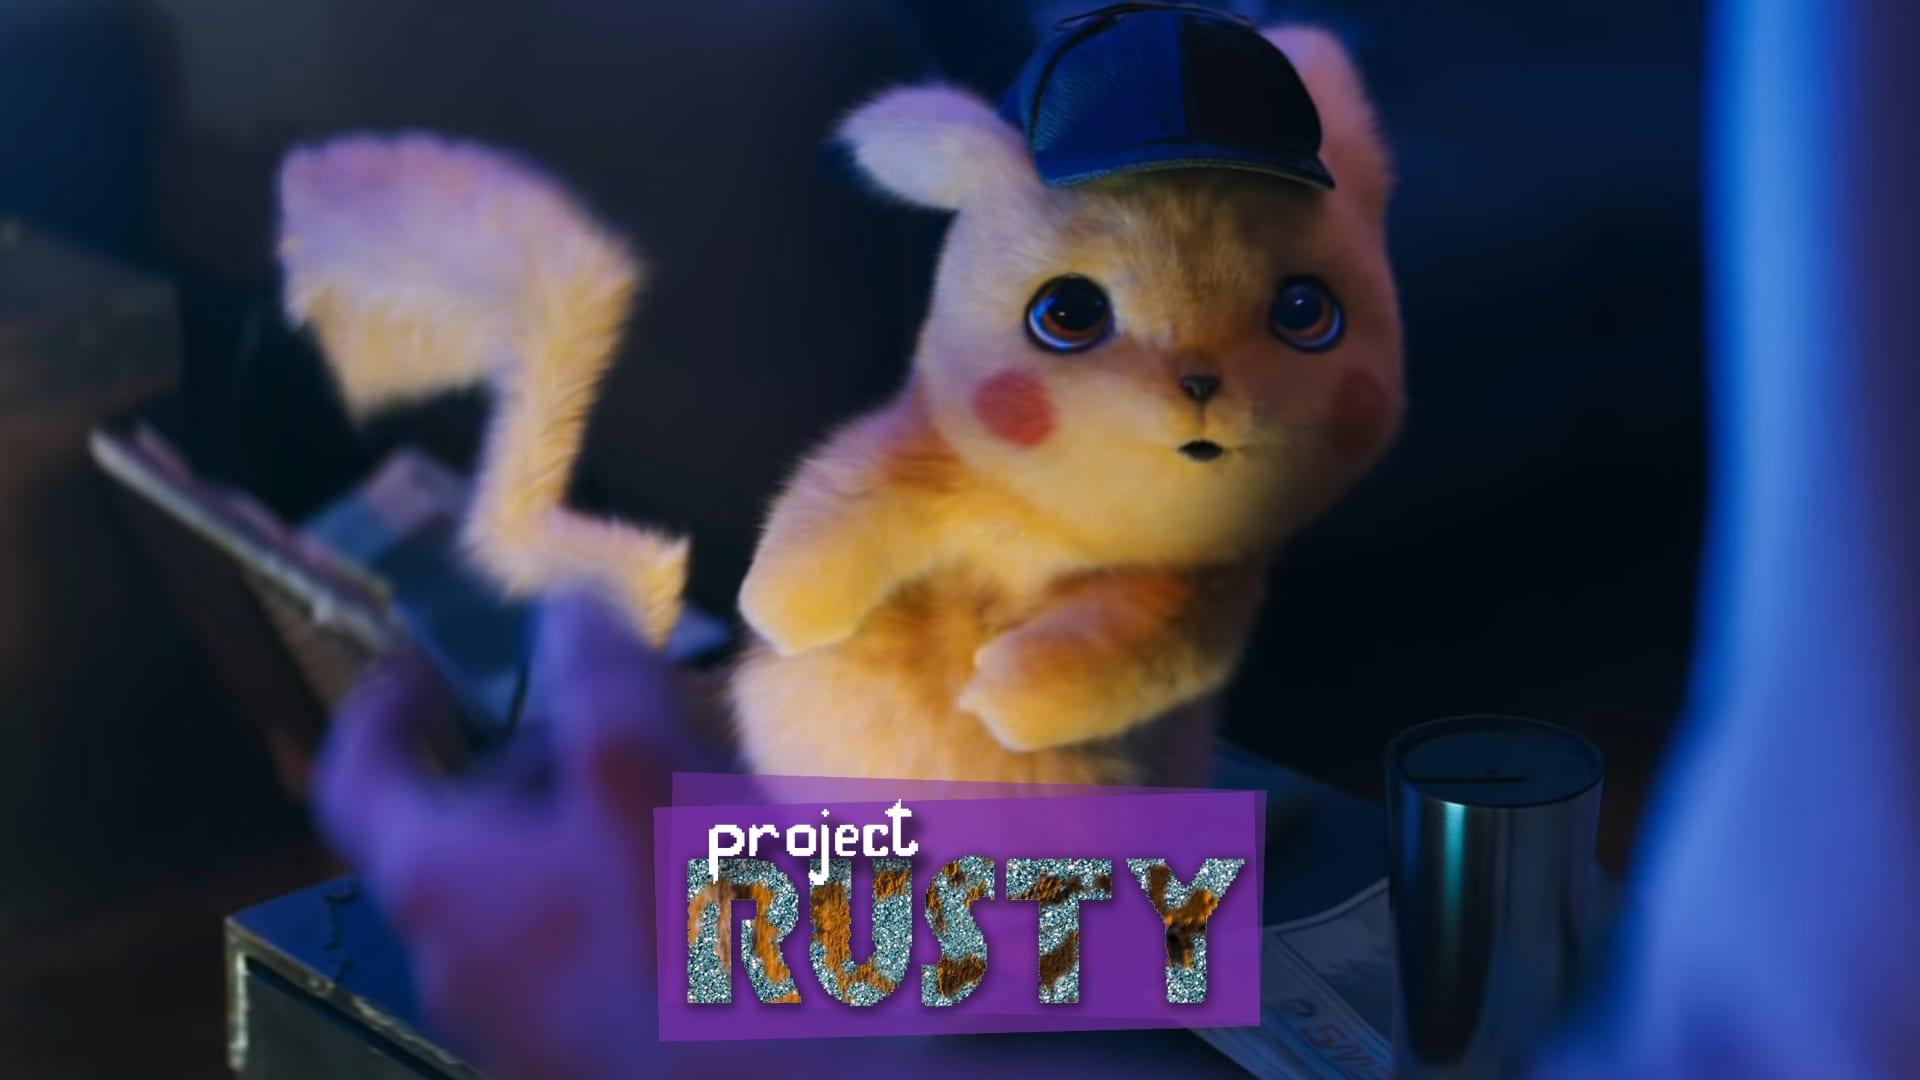 Project Rusty Pokemon Sleep